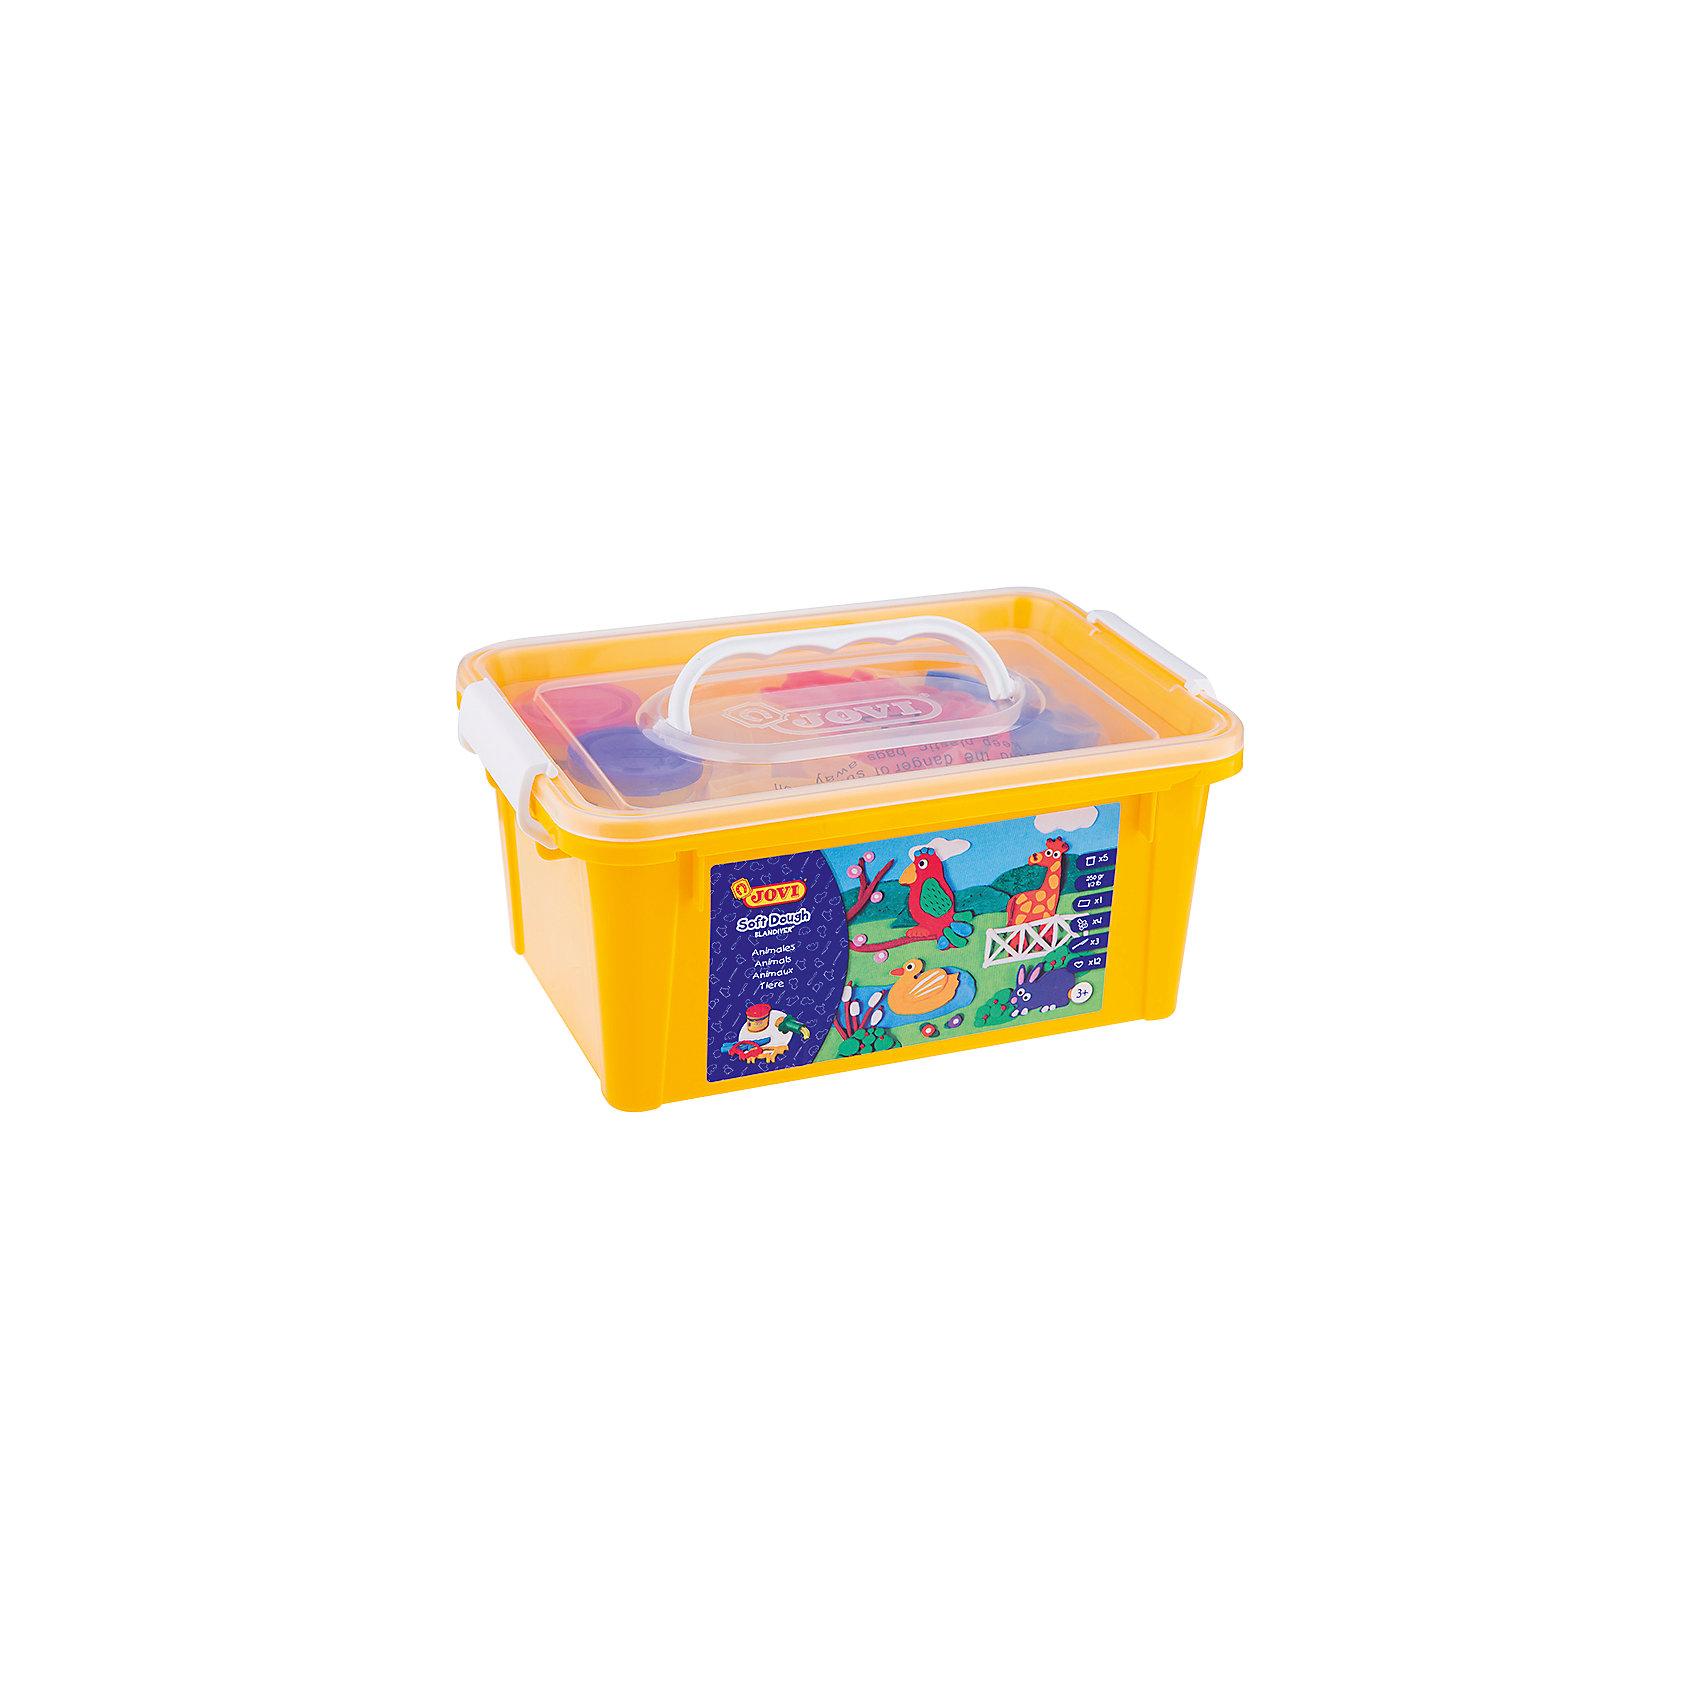 Набор для лепки Зоопарк 5 цветов*50г + аксессуары JOVIНаборы для лепки<br>Количество цветов: 5<br>Вес нетто: 250<br>Возраст: старше 2 лет<br>Затвердевает на воздухе: да<br>Инструменты: есть<br>Формочки: есть<br>Упаковка ед. товара: пластиковый контейнер<br>Большой набор мягкой детской пасты Blandiver с инструментами для лепки, которые специально подобраны для первых опытов лепки с учетом возможностей ребенка раннего возраста, в пластиковом чемоданчике. Пять ярких цветов из основной палитры - белый, желтый, красный, синий, зеленый в баночках по 50 гр объемом 70 мл. В наборе также 12 формочек в виде животных, 4 шприца для формирования пасты, 3 пластиковых стека и клеенка для лепки. Blandiver - мягкая игровая детская паста для лепки с малышами от 2х лет (аналог соленого теста). Натуральный продукт на основе муки, соли и воды. Безвредная, но с неприятным соленым вкусом. Супер мягкая, очень свежая по текстуре,приятная на ощупь, не липкая. Пищевые красители, исключительно безопасный состав. Не имеет химического запаха. Паста легко принимает нужную форму, идеально подходит для маленьких слабых детских рук и предназначена для знакомства ребенка с лепкой и создания простых фигурок руками или с помощью формочек и экструдеров. Помогает развивать мелкую моторику, воображение и интуицию ребенка. Затвердевает на воздухе, сохраняет яркий цвет. После высыхания паста легко снимается влажной губкой или щеткой с одежды, ковров и др. поверхностей, не оставляя следов. Страна производства Испания.<br><br>Ширина мм: 220<br>Глубина мм: 170<br>Высота мм: 90<br>Вес г: 813<br>Возраст от месяцев: 24<br>Возраст до месяцев: 2147483647<br>Пол: Унисекс<br>Возраст: Детский<br>SKU: 7044264